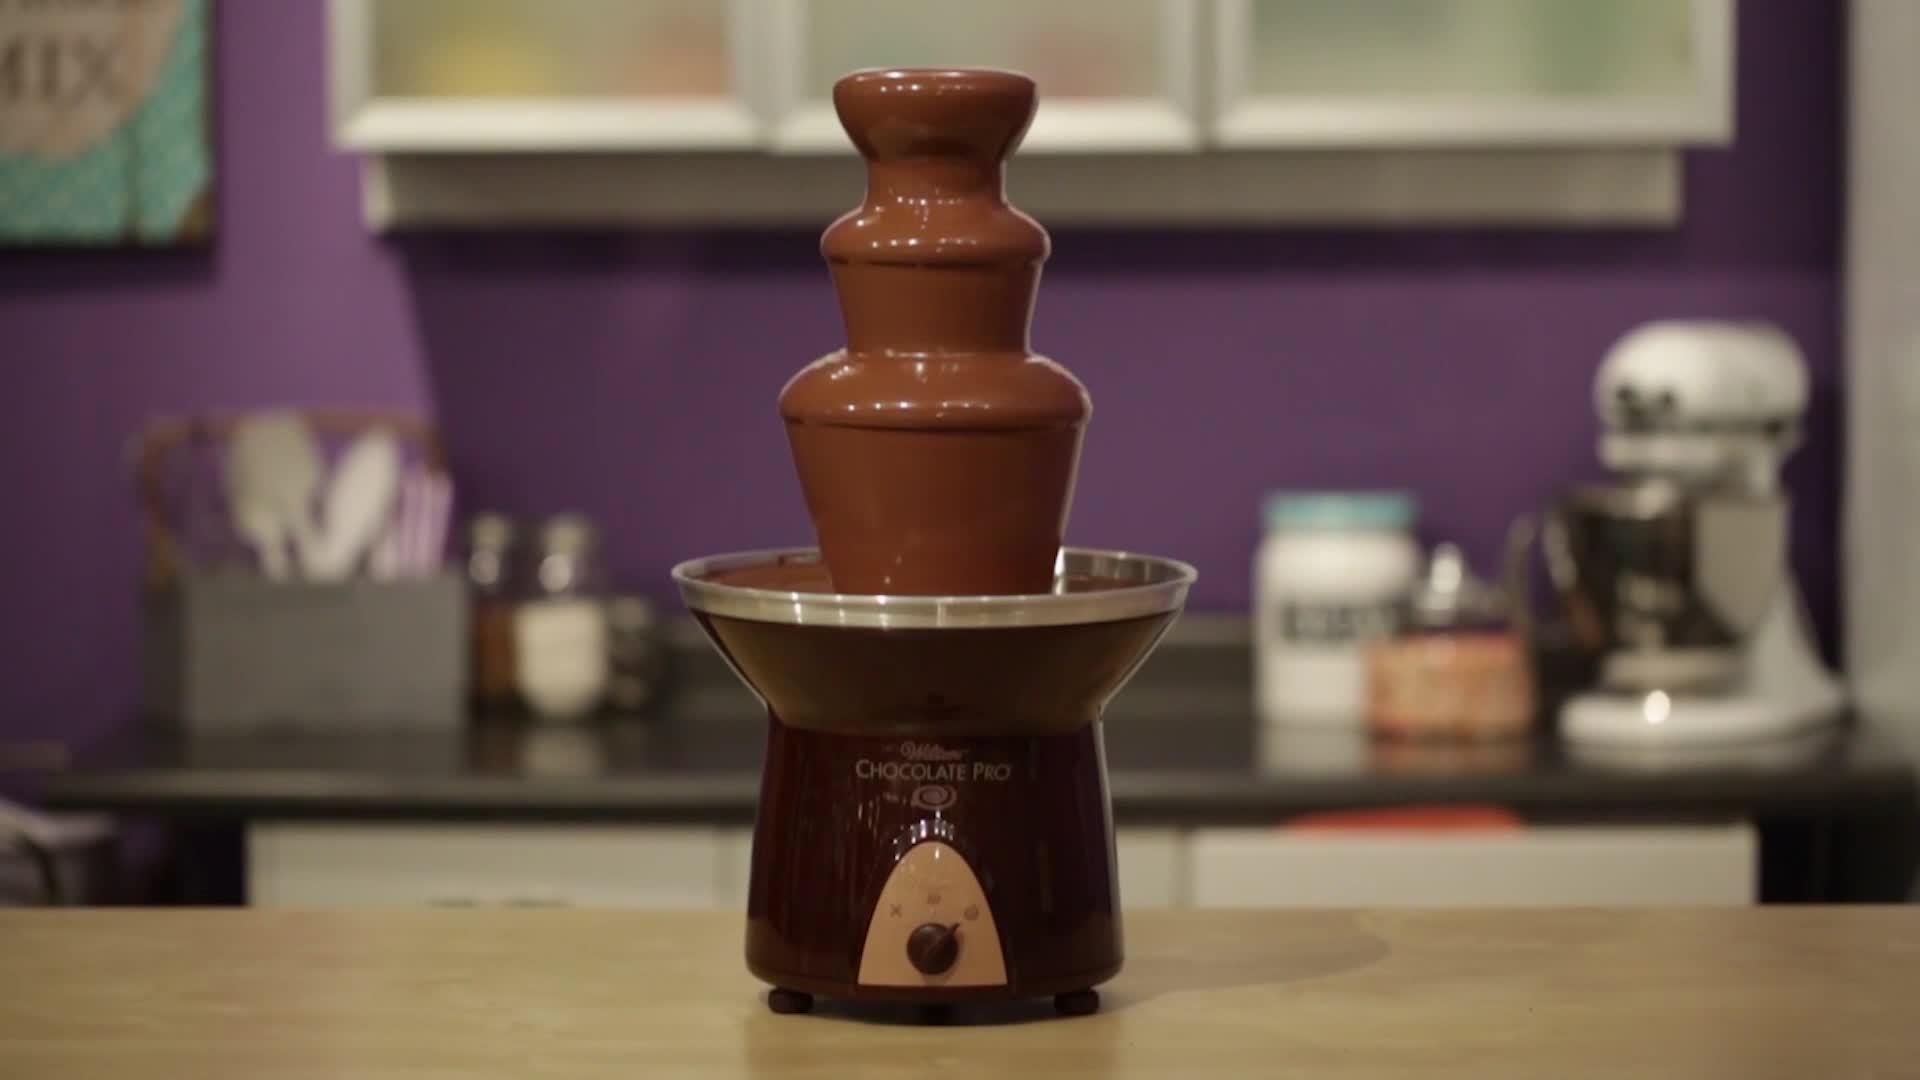 Заполнение чаши шоколадного фонтана